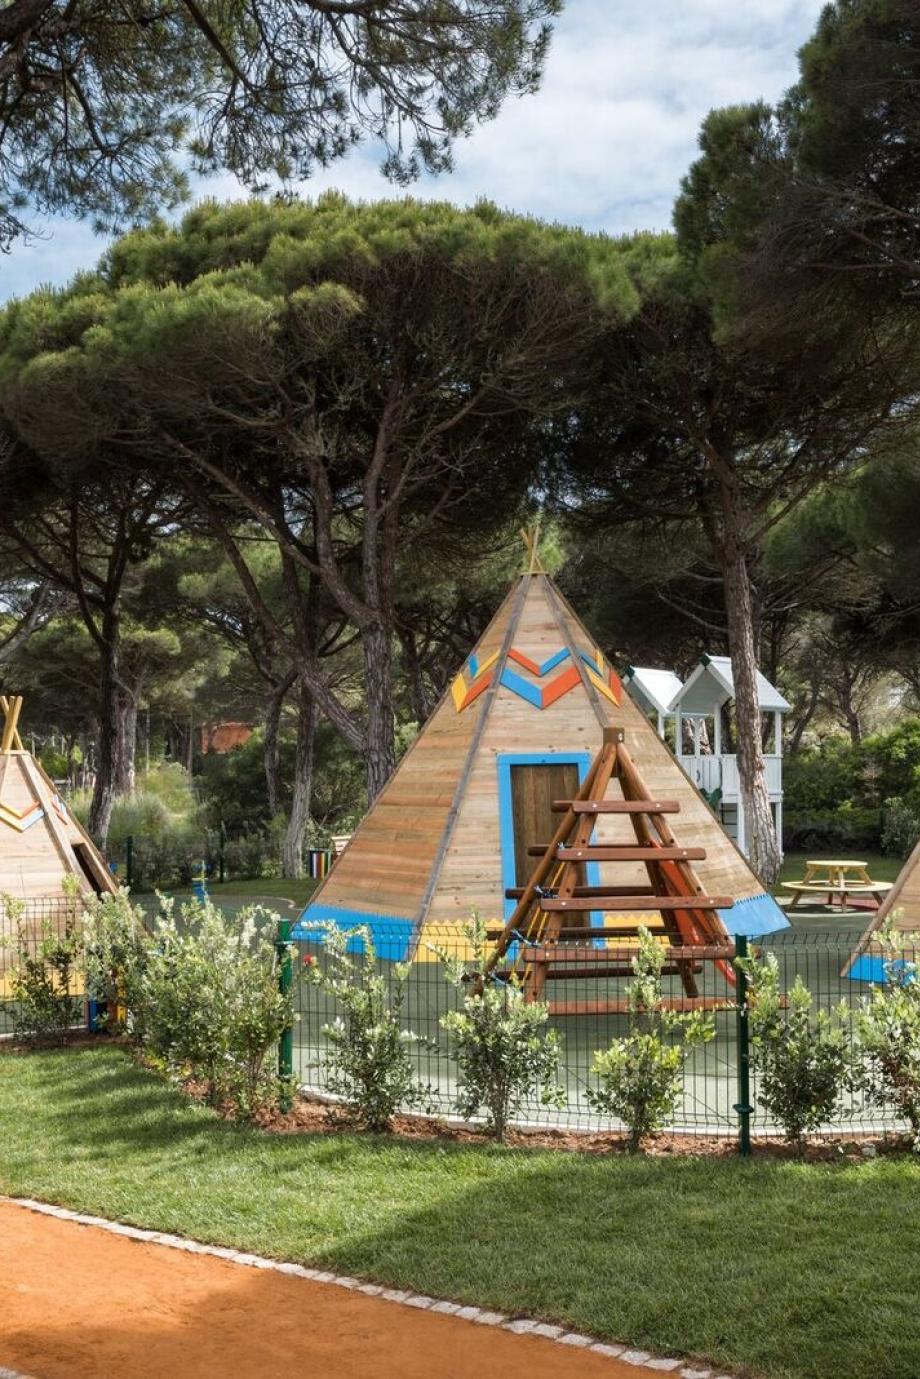 LisboaCool_Blog_Aqui Perto: Dia Mundial da Criança no Sheraton Cascais